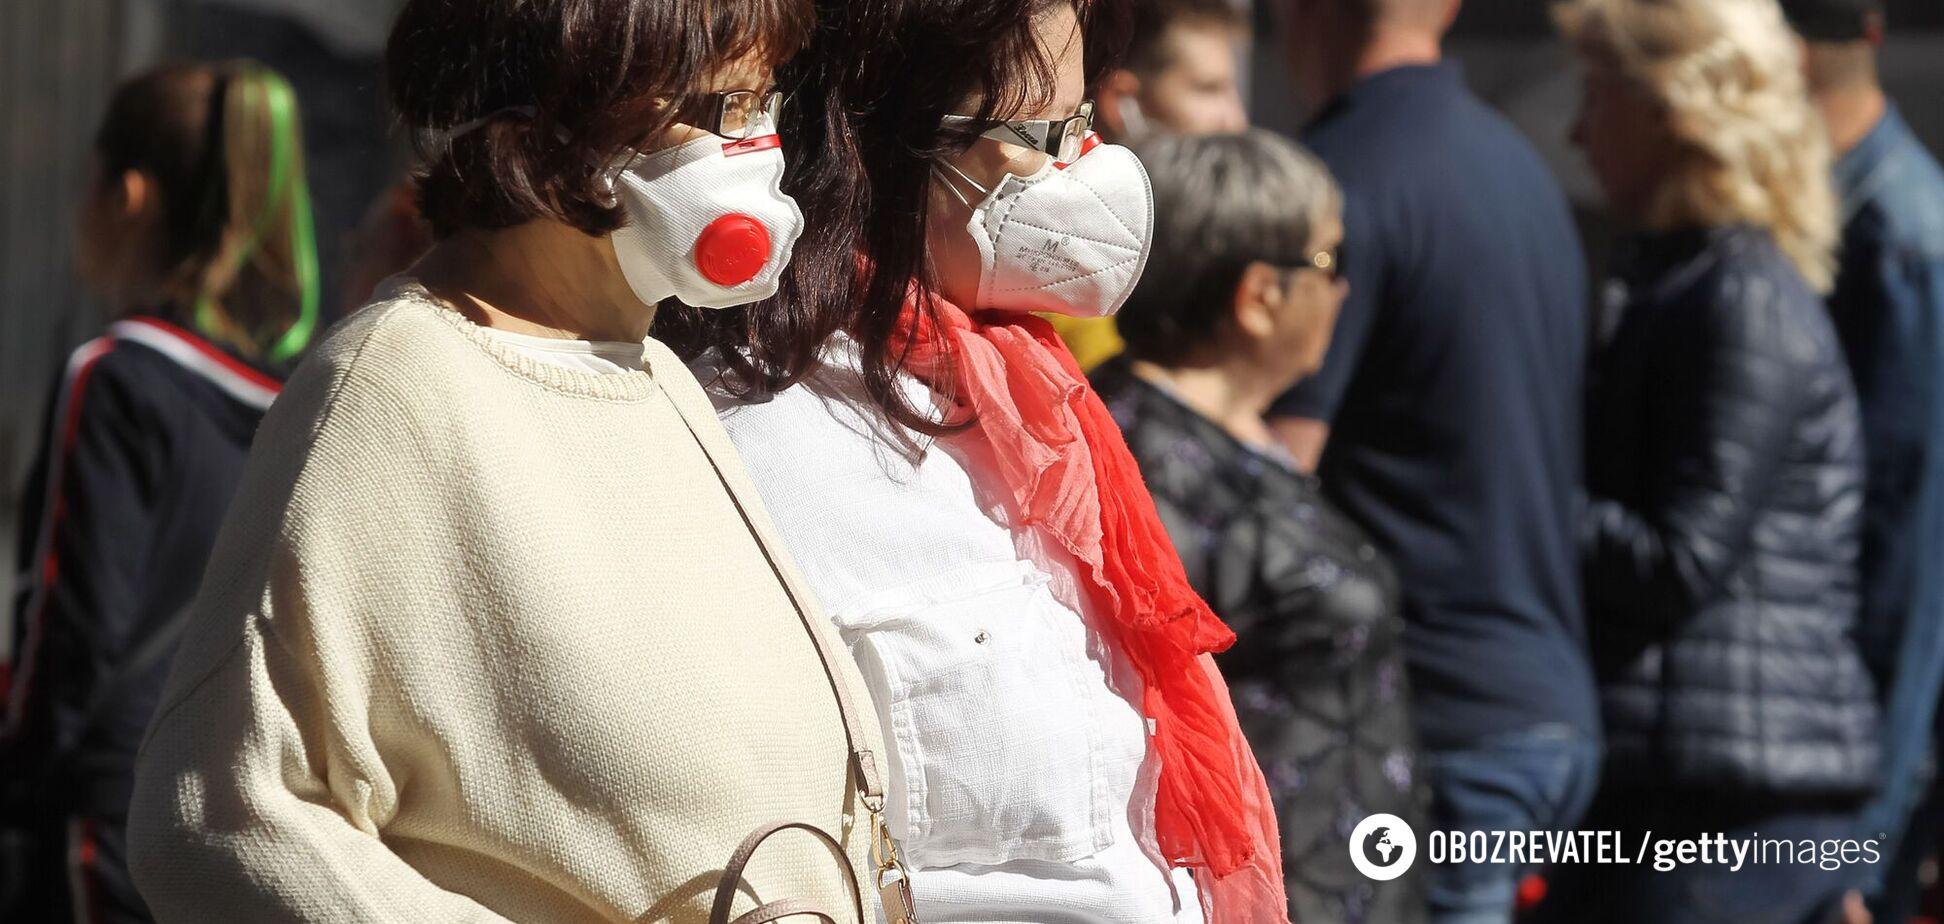 Пандемія коронавірусу: як відрізняється поведінка людей в Україні та Канаді